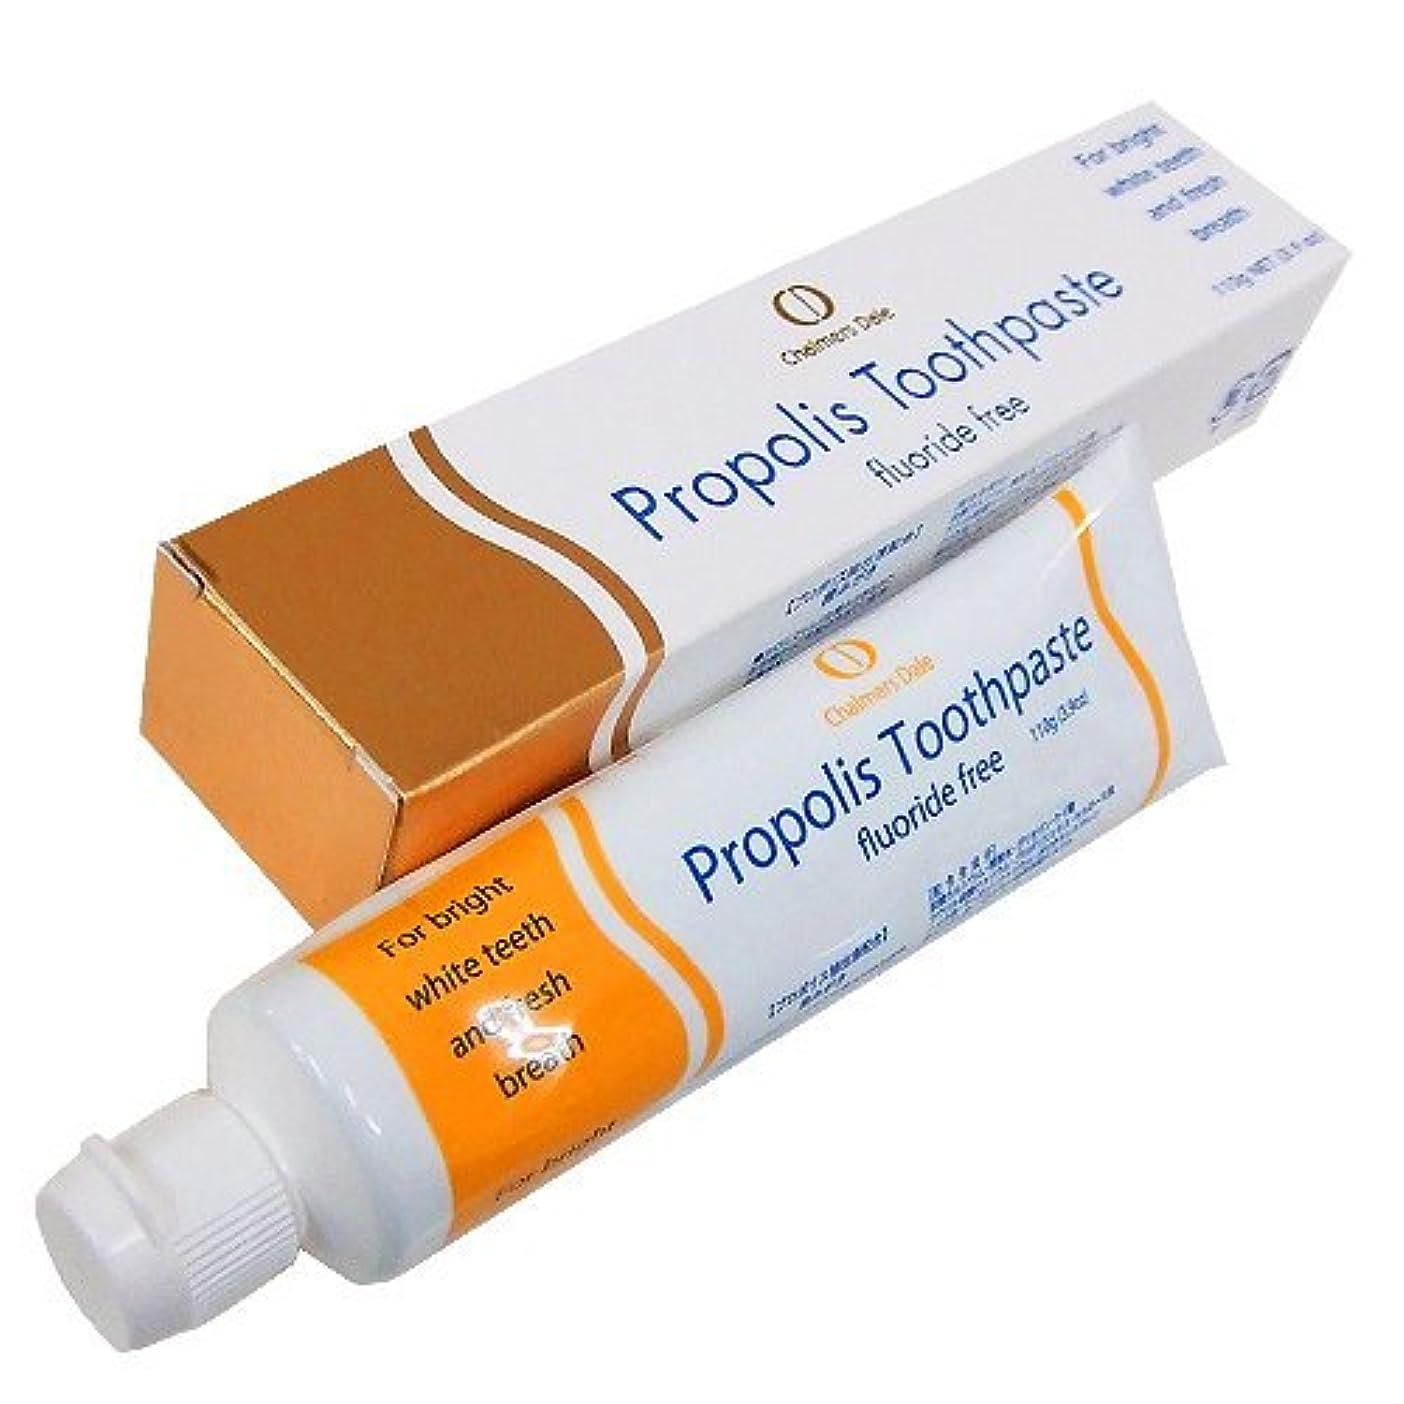 緩やかな障害者地震プロポリス歯磨き 110g フッ素は配合していません